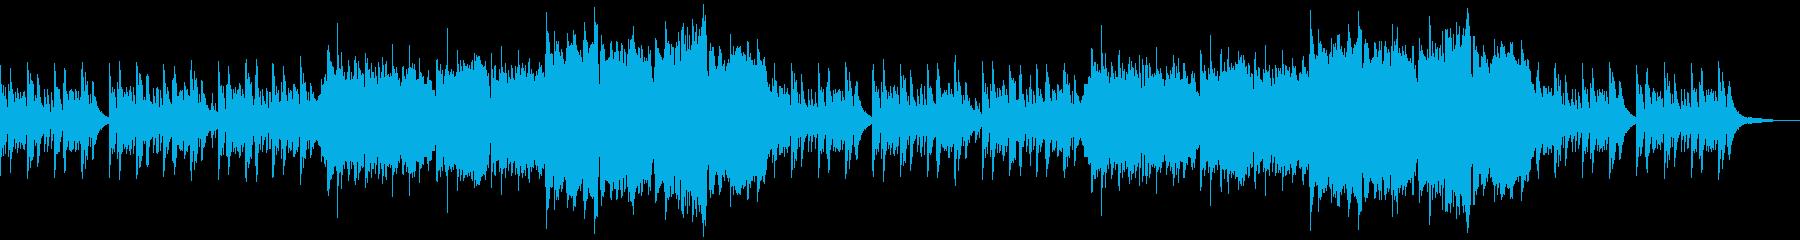 企業VPや映像74、オーケストラ、壮大aの再生済みの波形